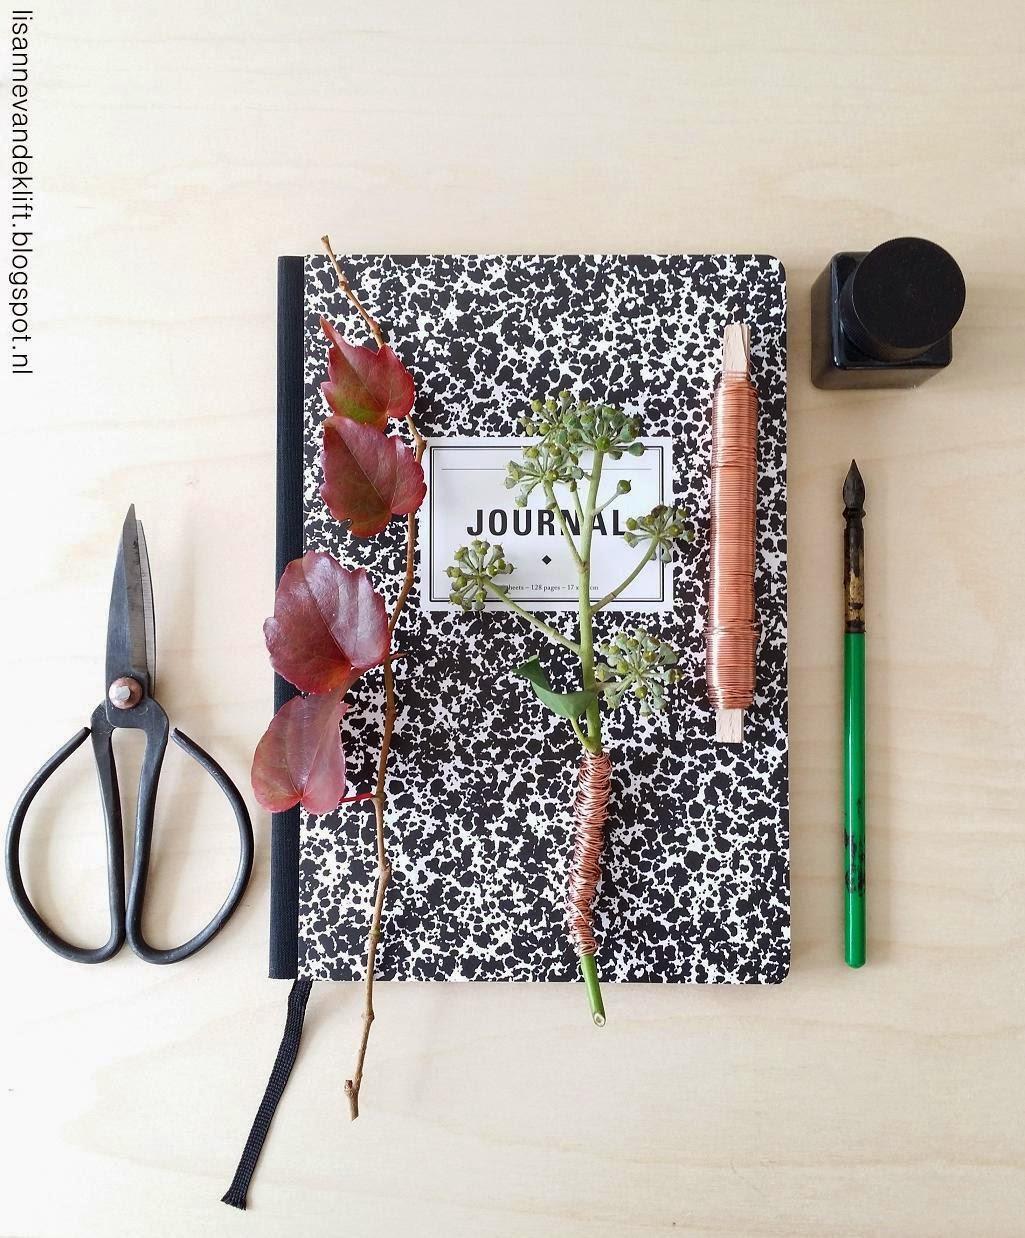 1.Journal 2015